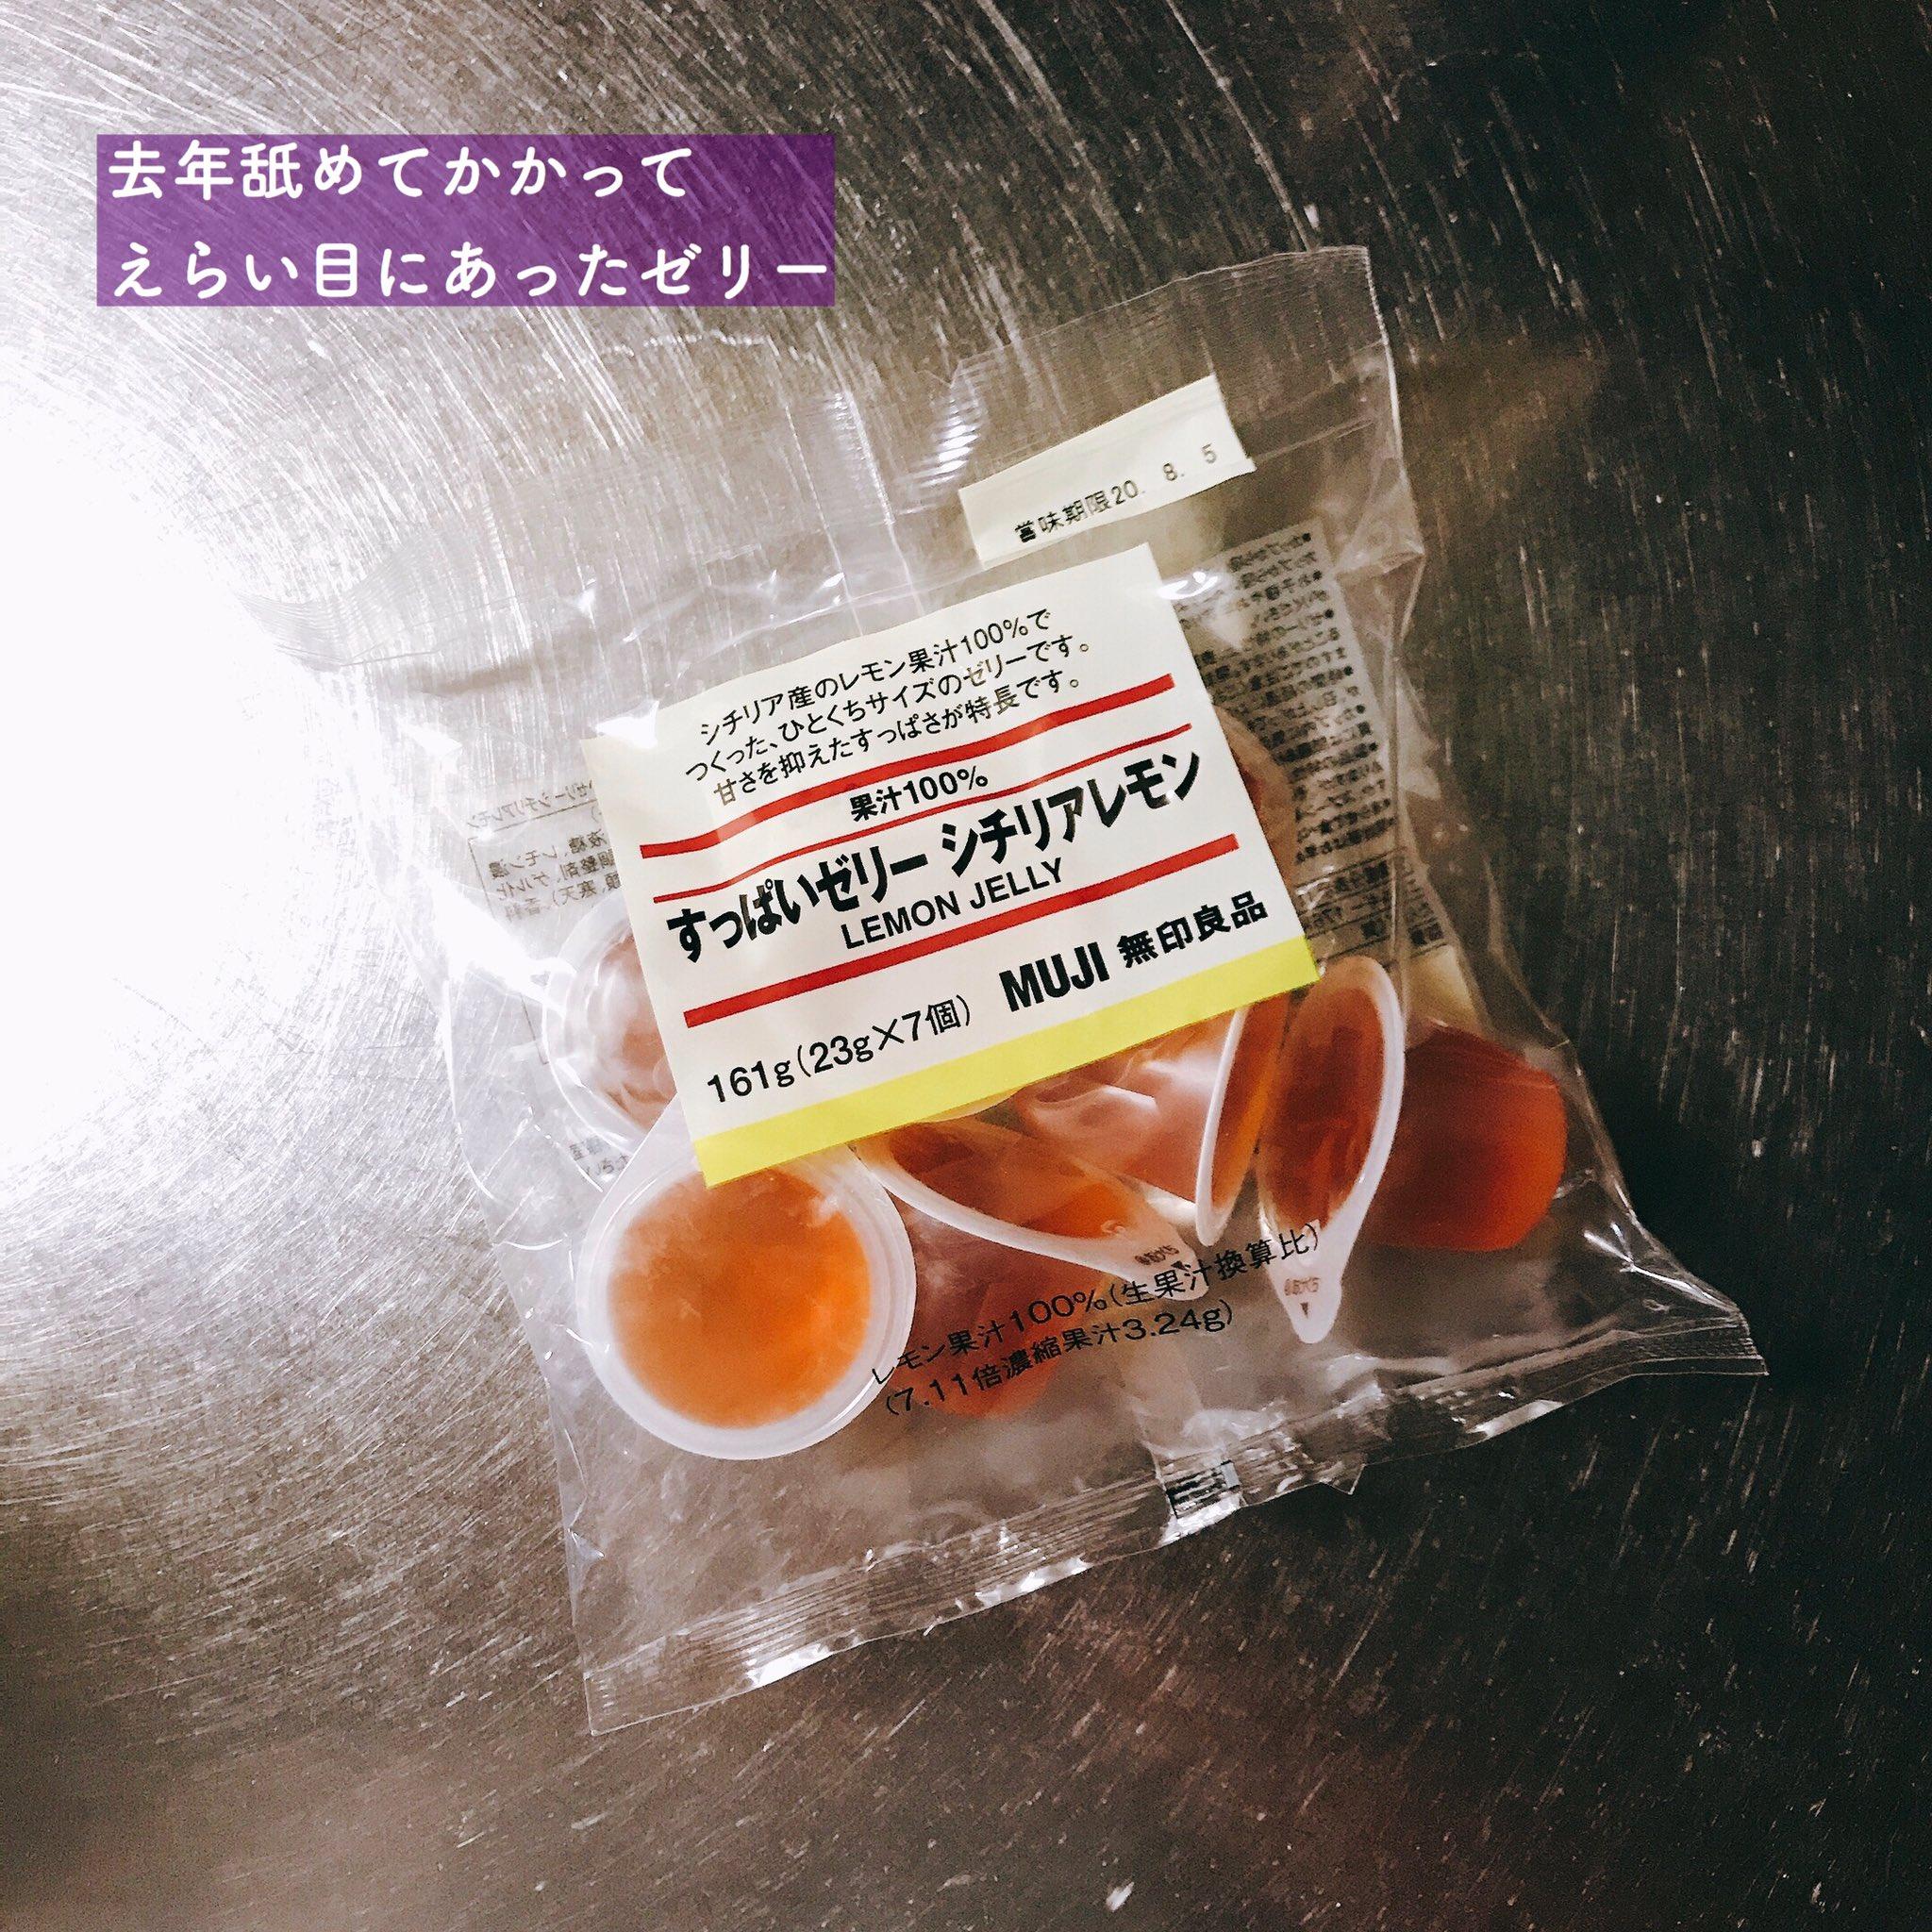 「無印良品」梅ゼリーの美味しい食べ方!